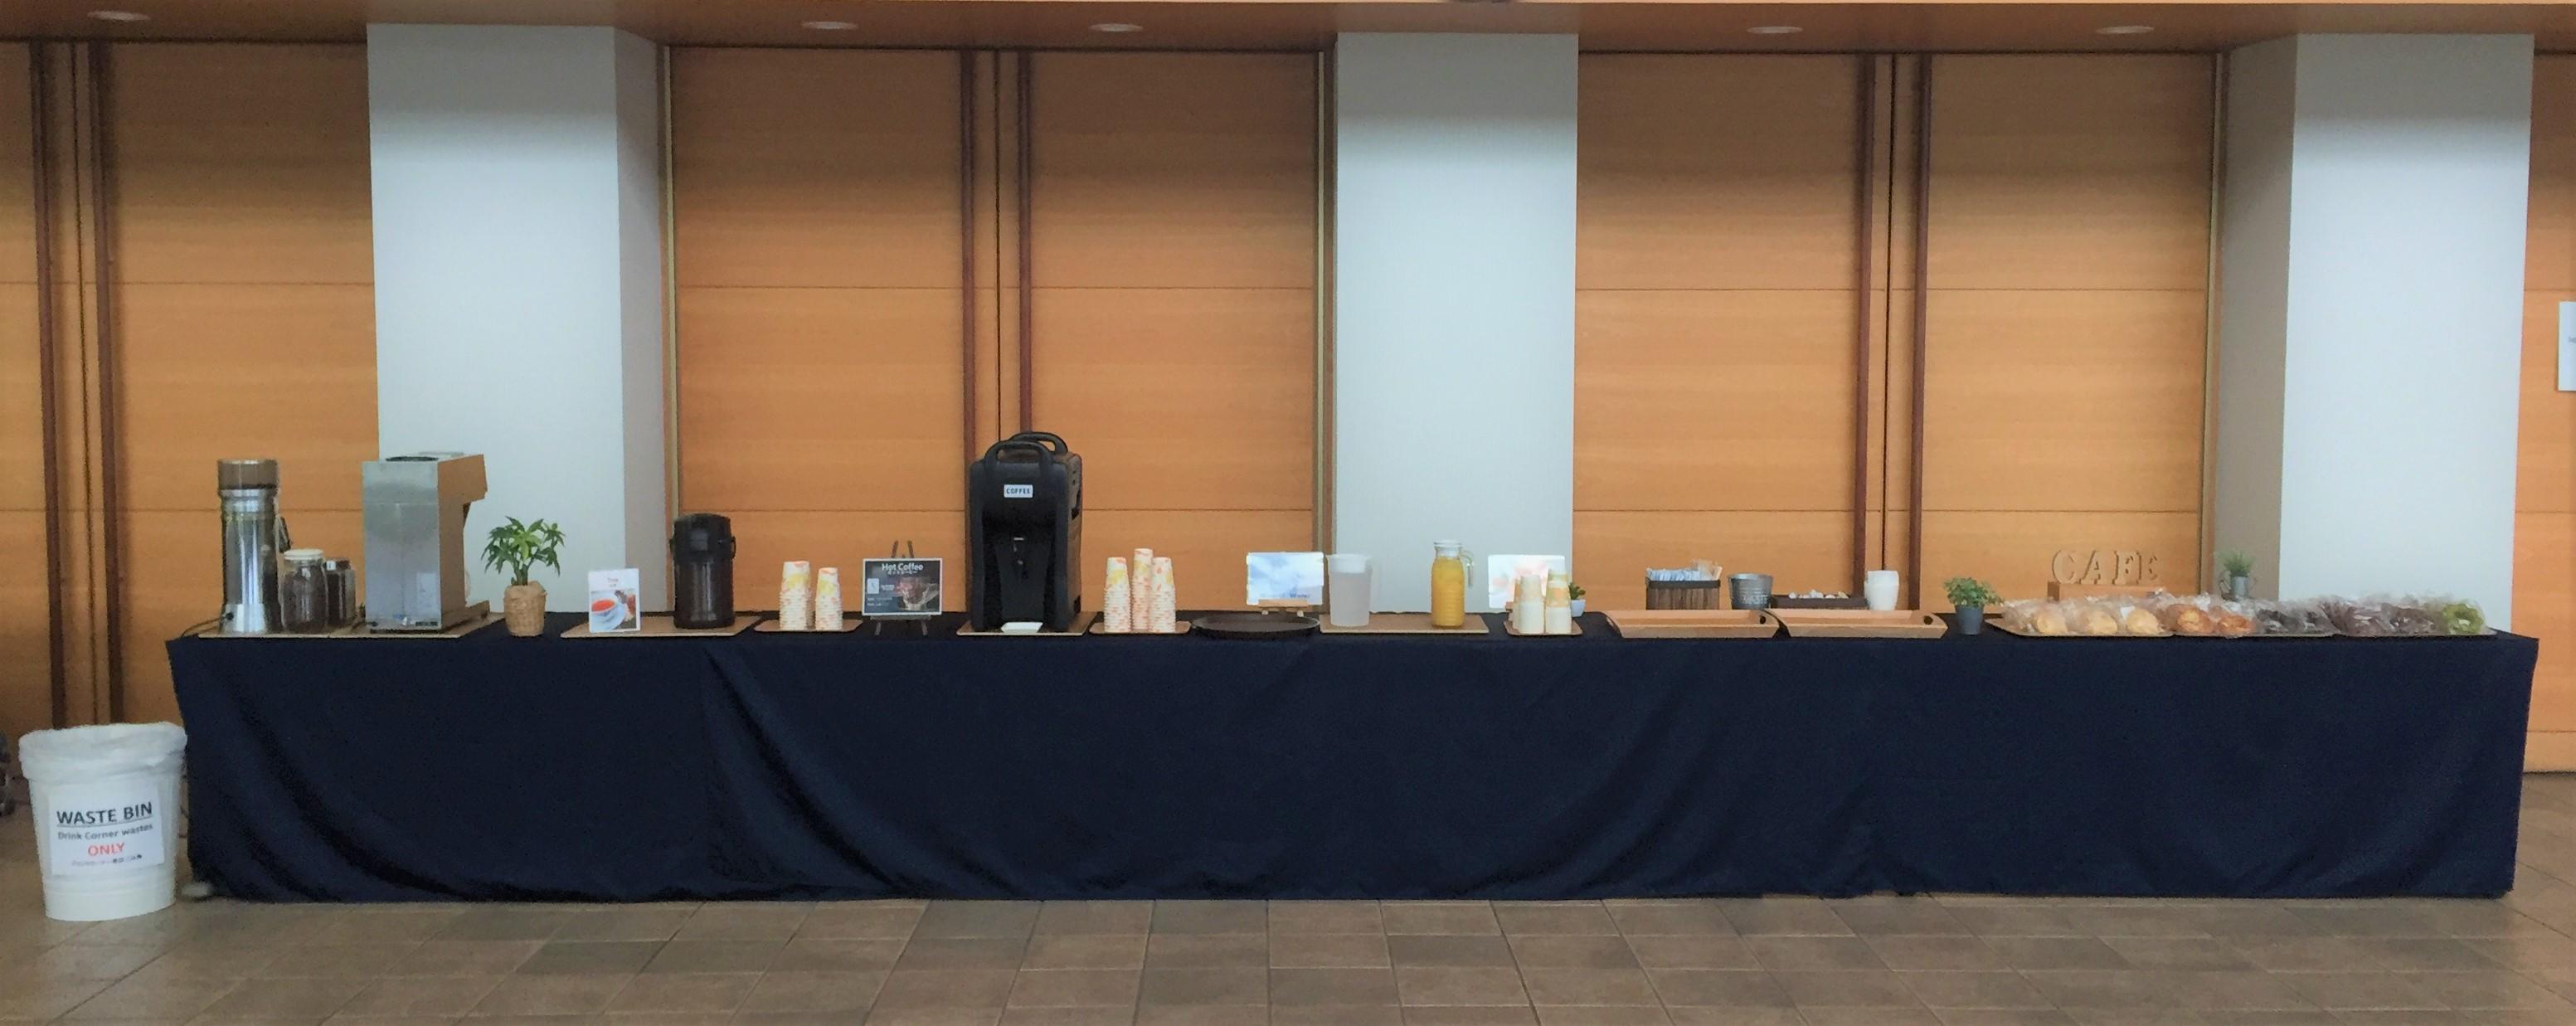 横浜 コーヒーブレイク 国際会議